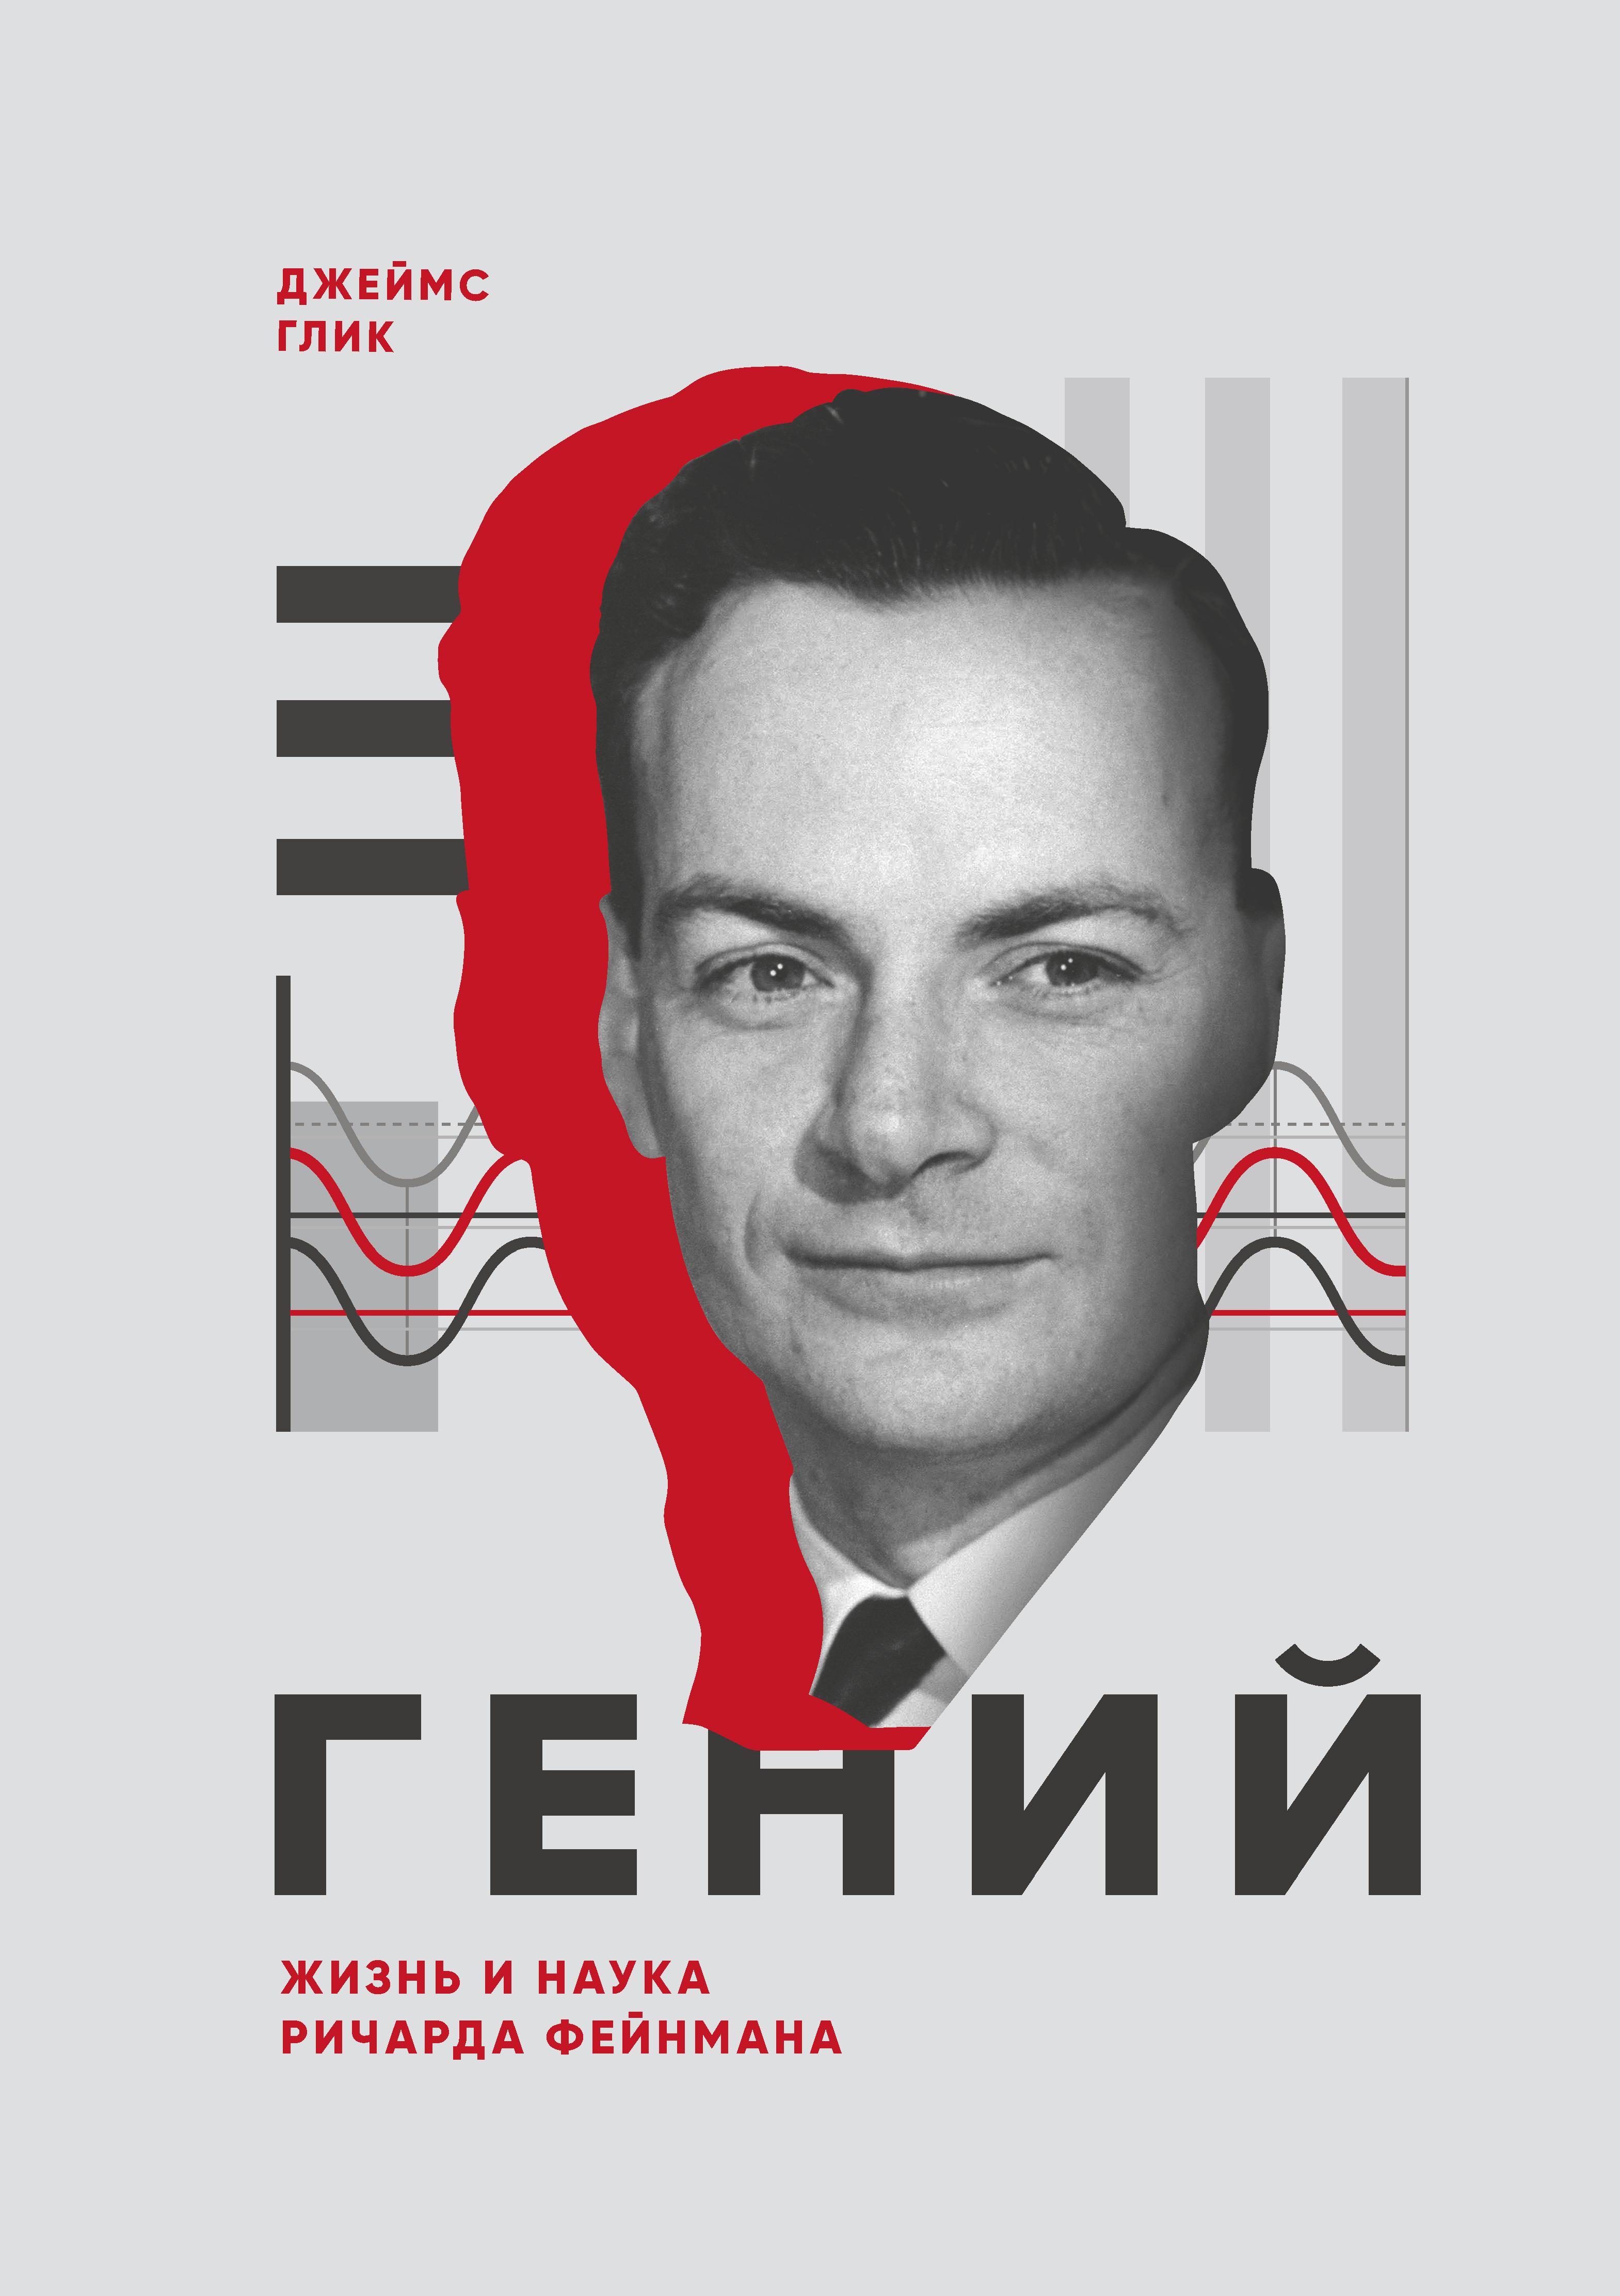 Джеймс Глик. Гений. Жизнь и наука Ричарда Фейнмана